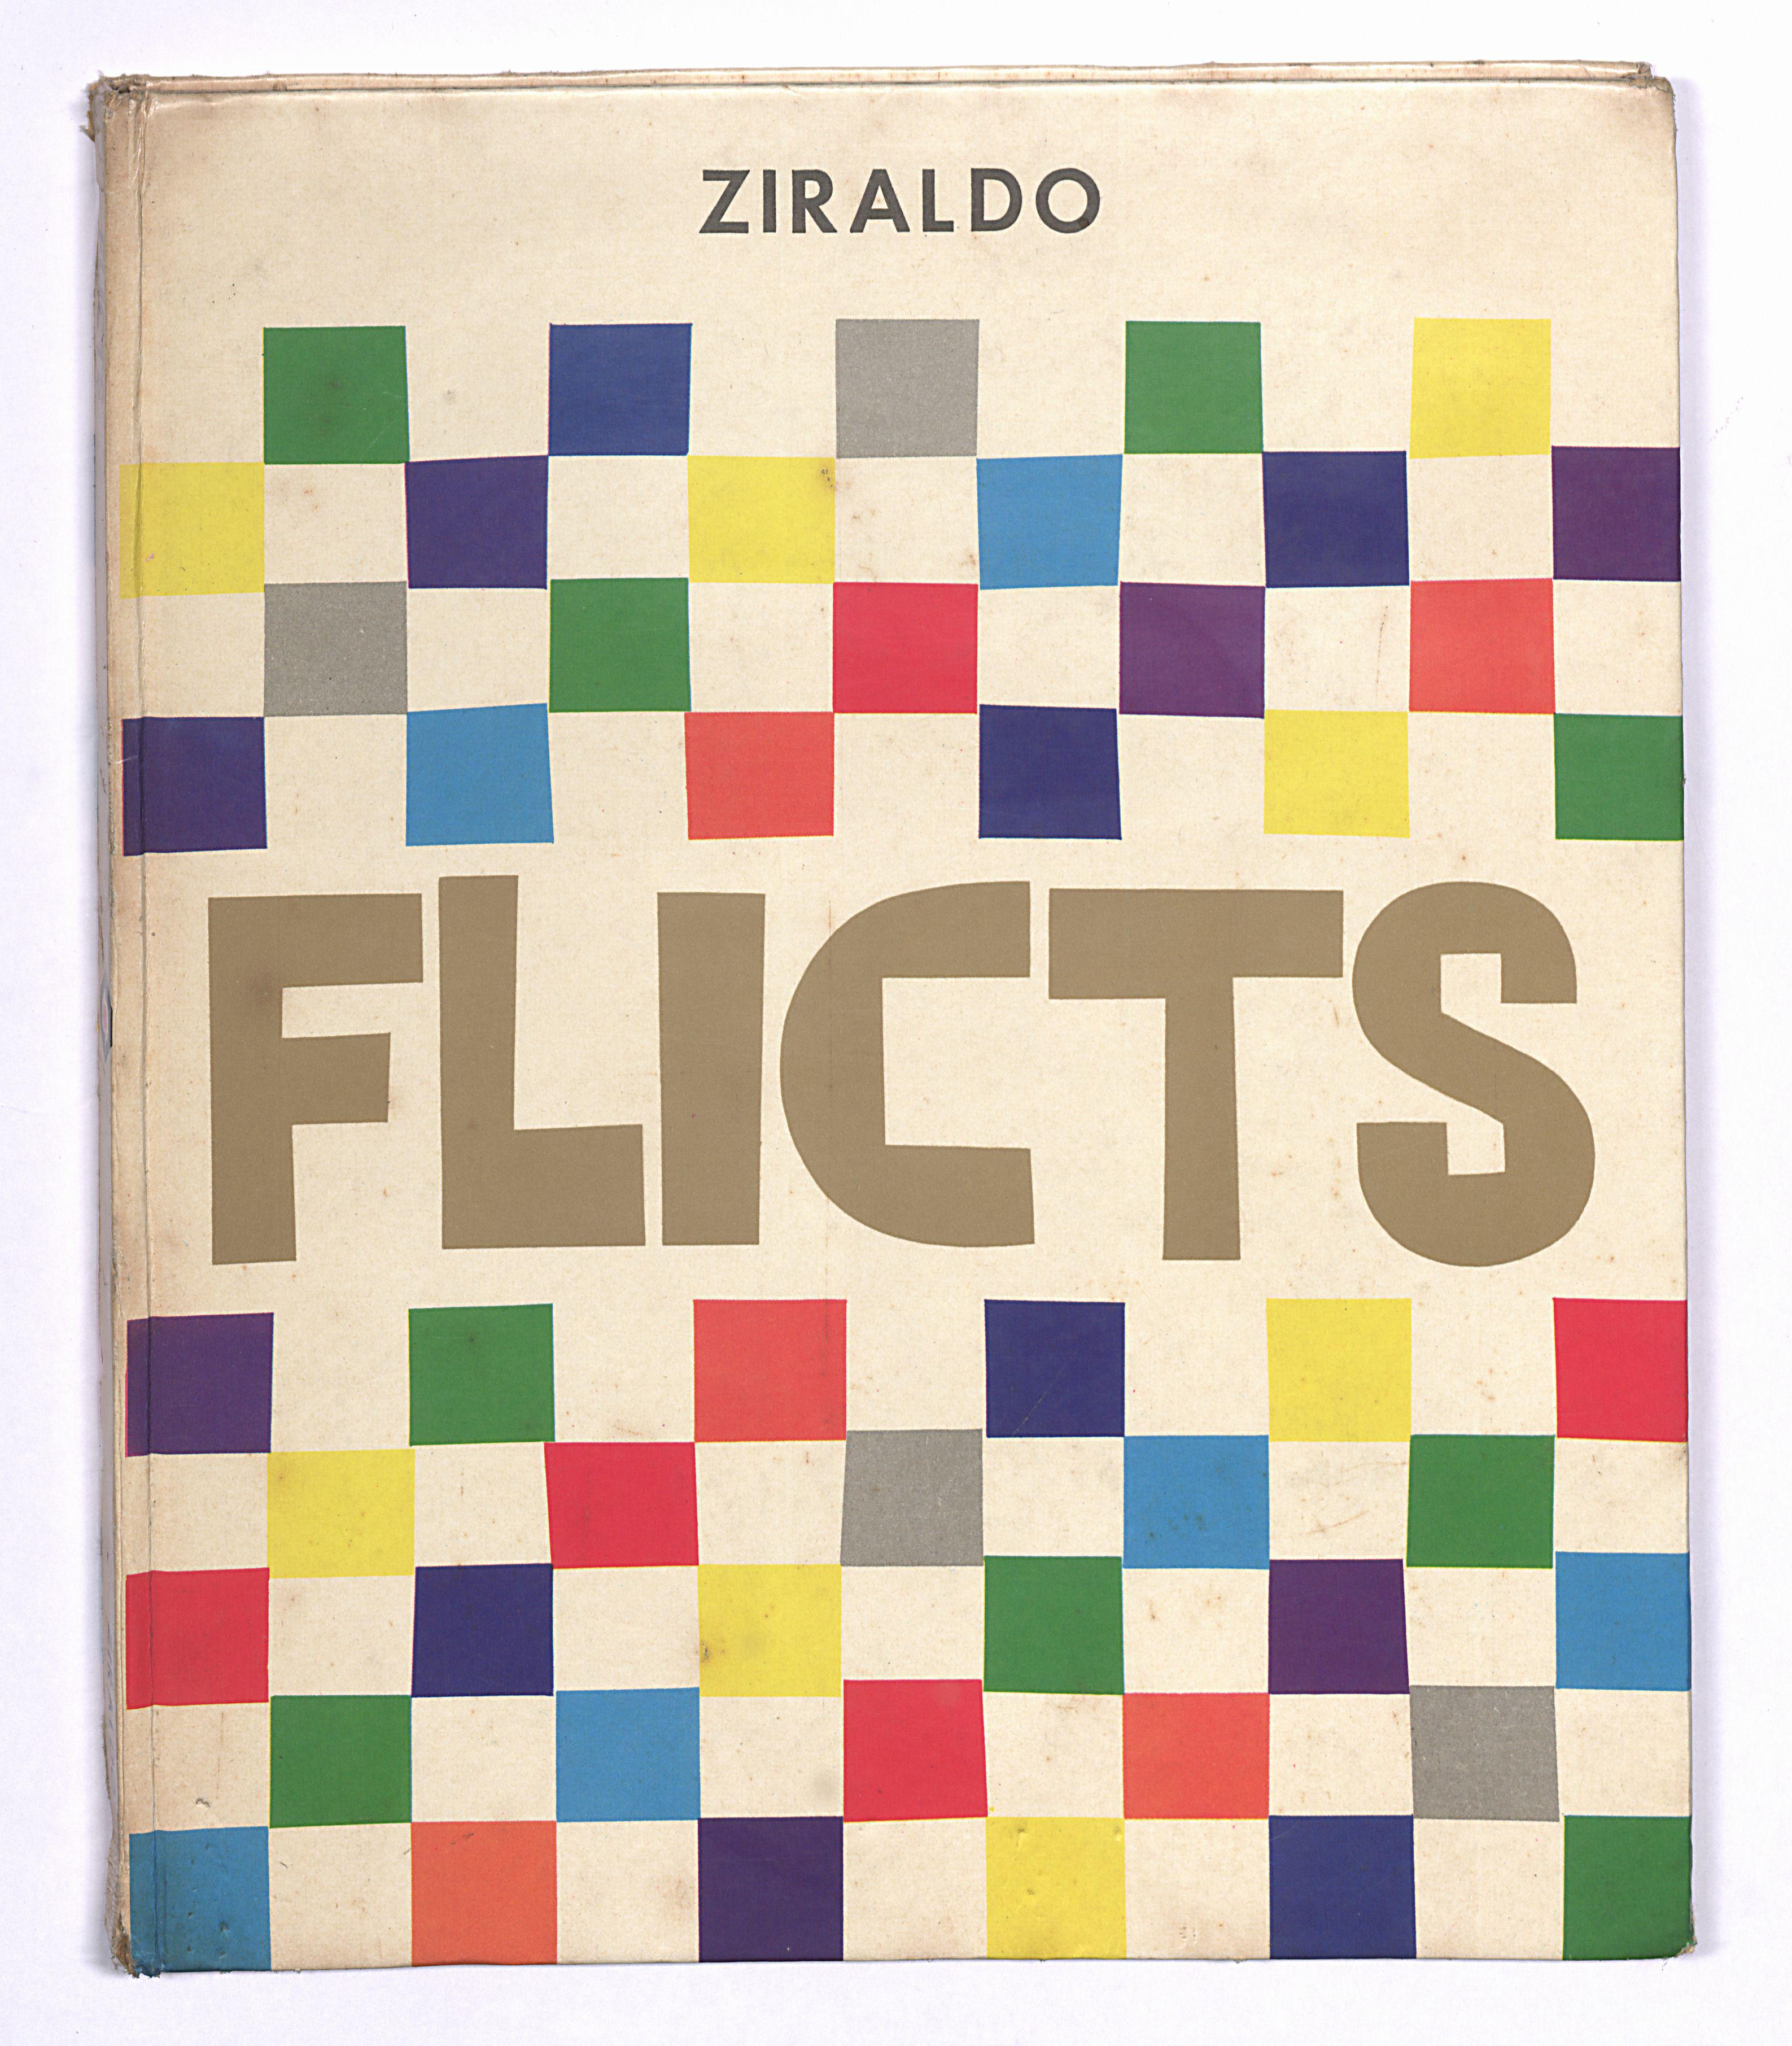 Flicts. 1969. Imagem: Reprodução.